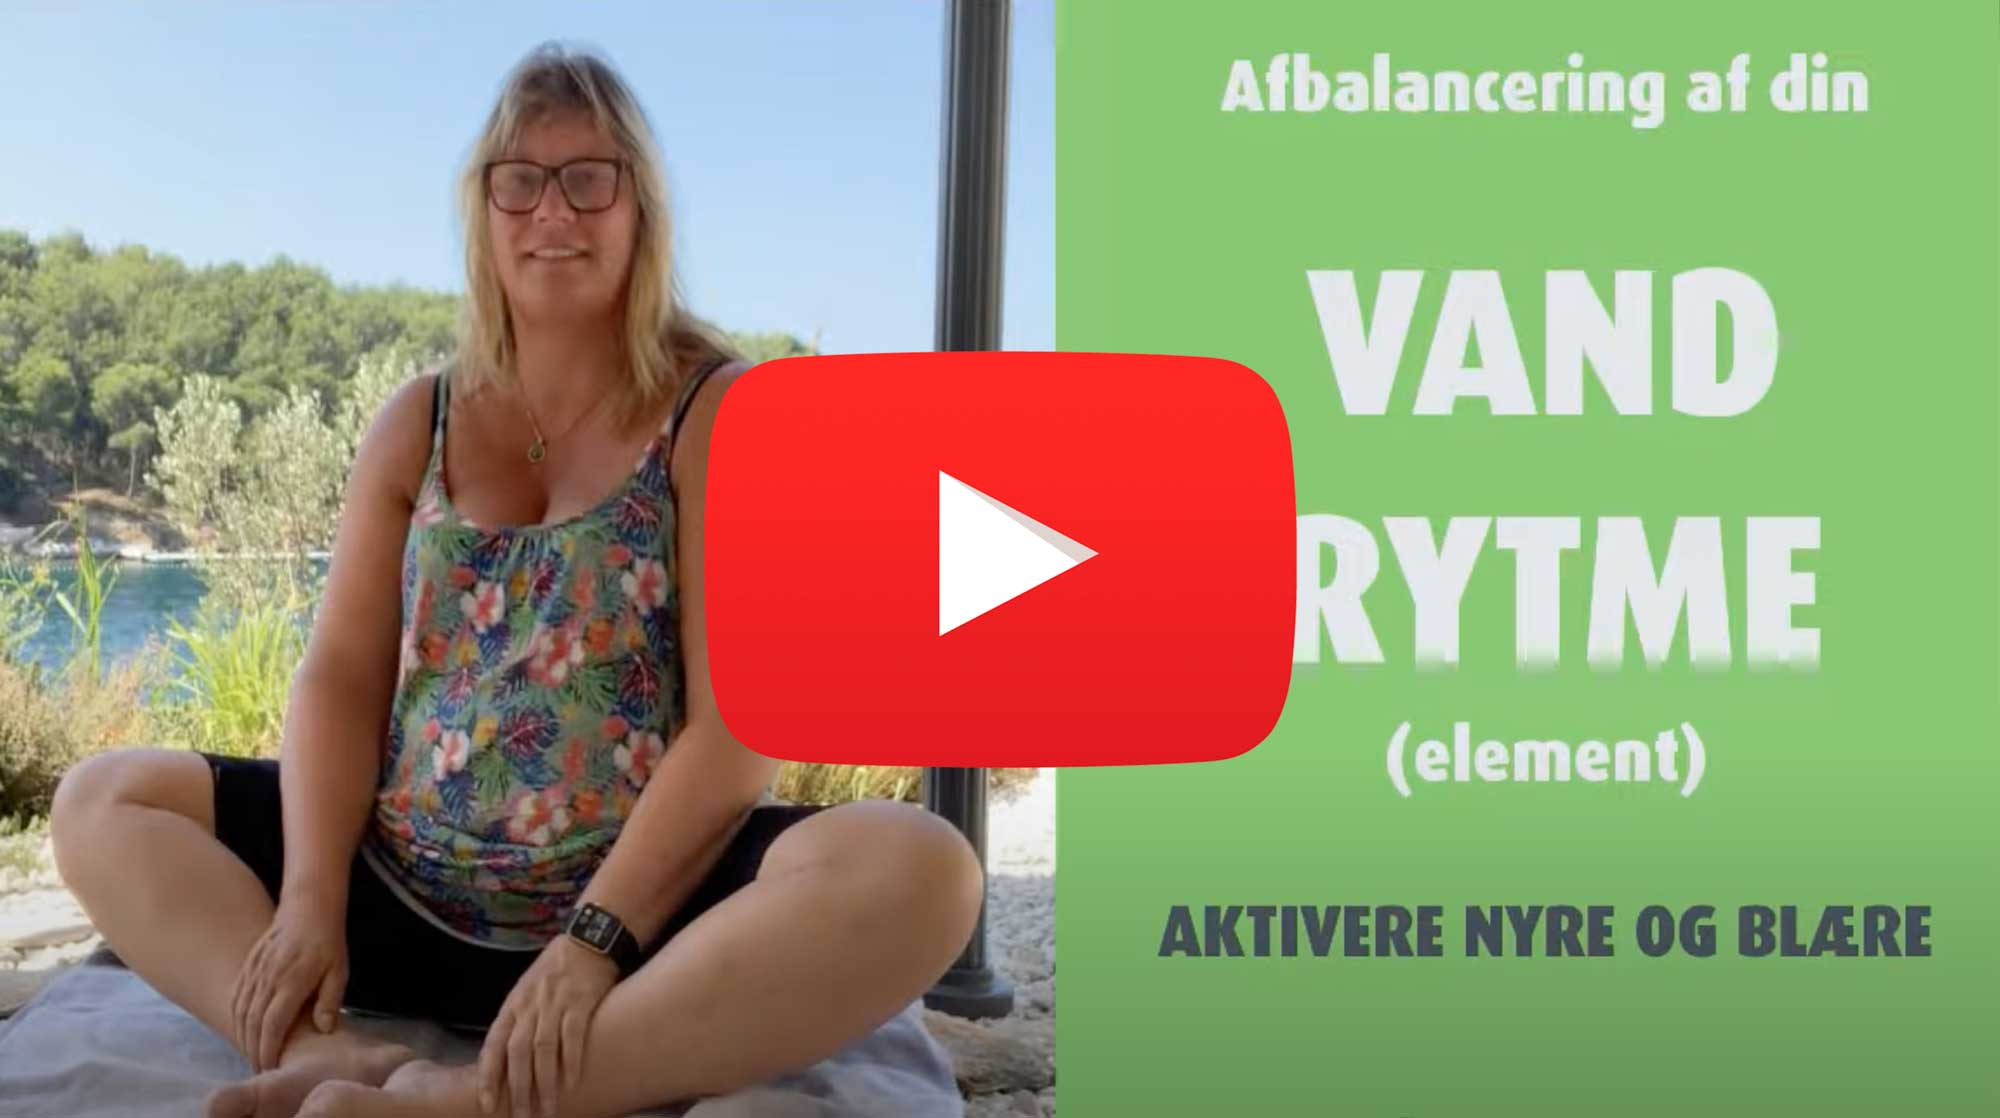 Øvelse til af afbalancere VAND rytmen (vand elementet)